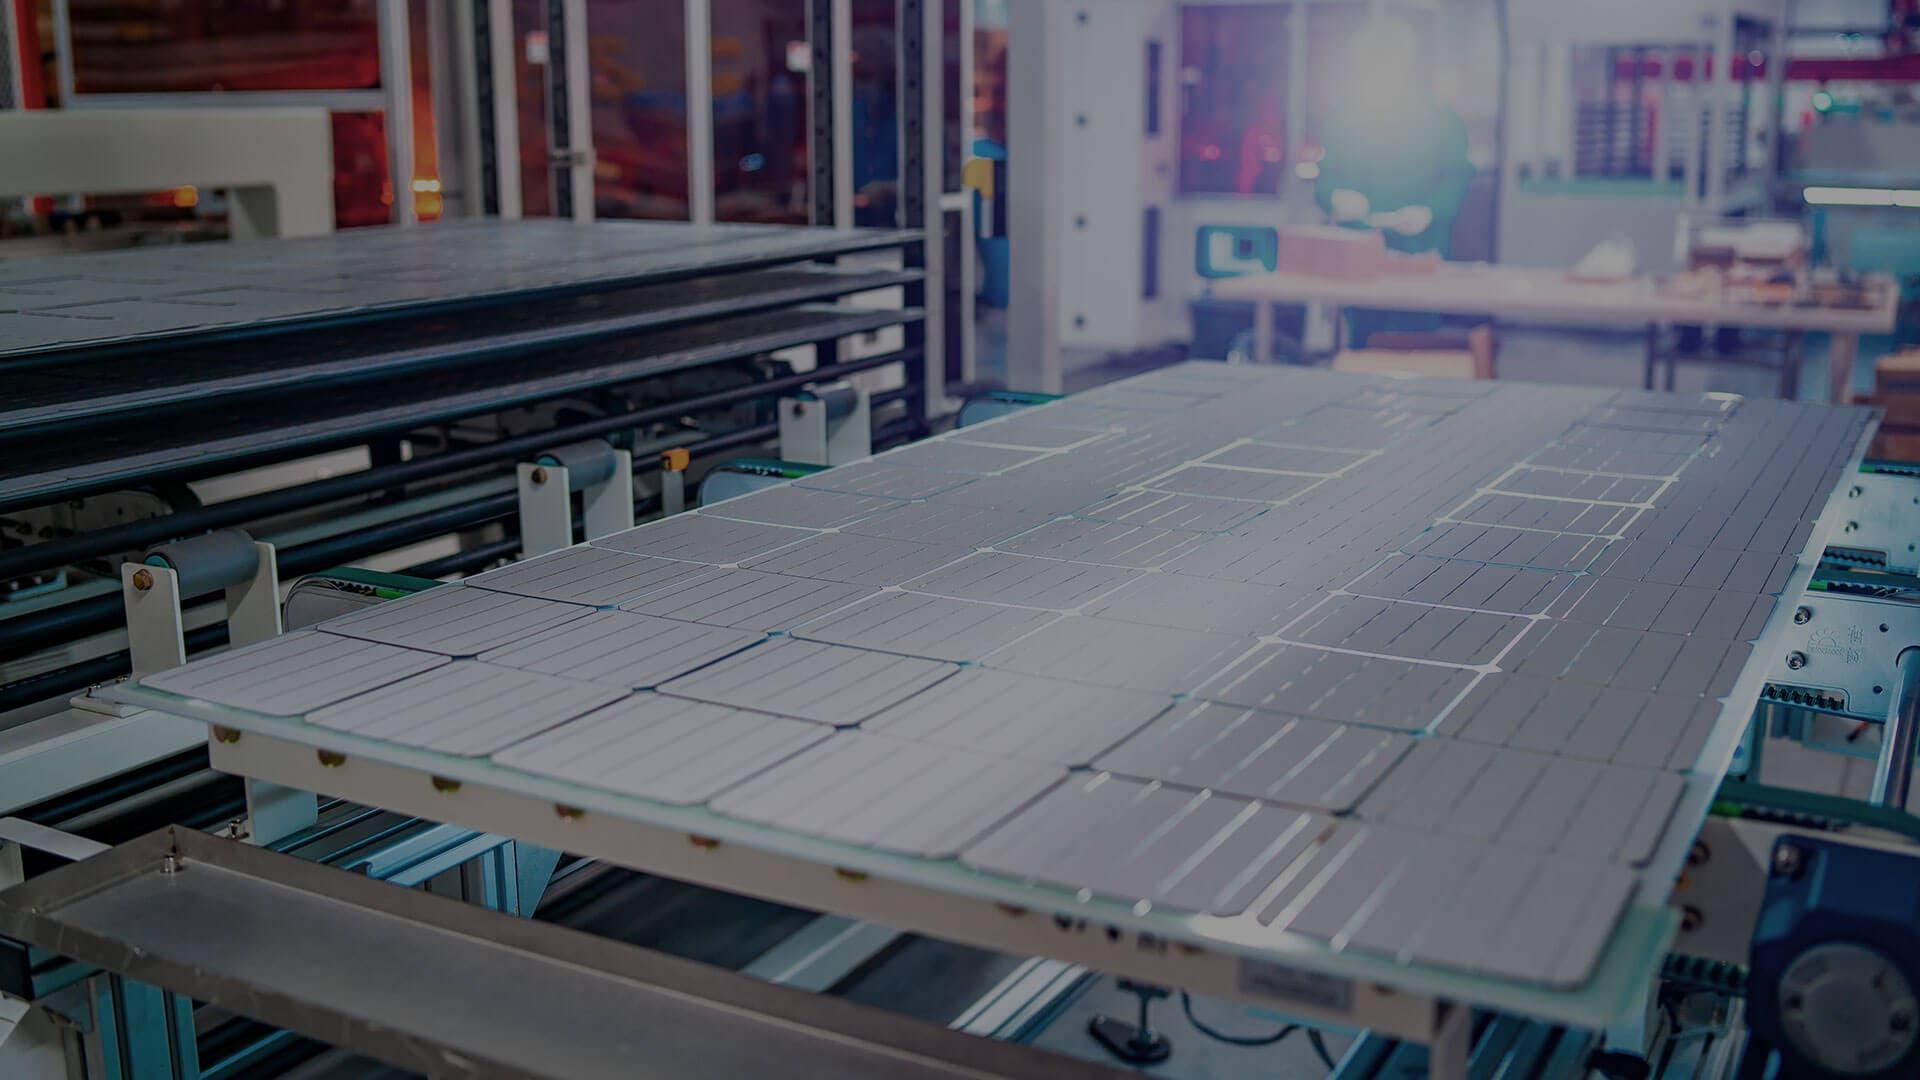 Schutzausrüstung für Zellfertigung und Batteriefertigung E-Autos